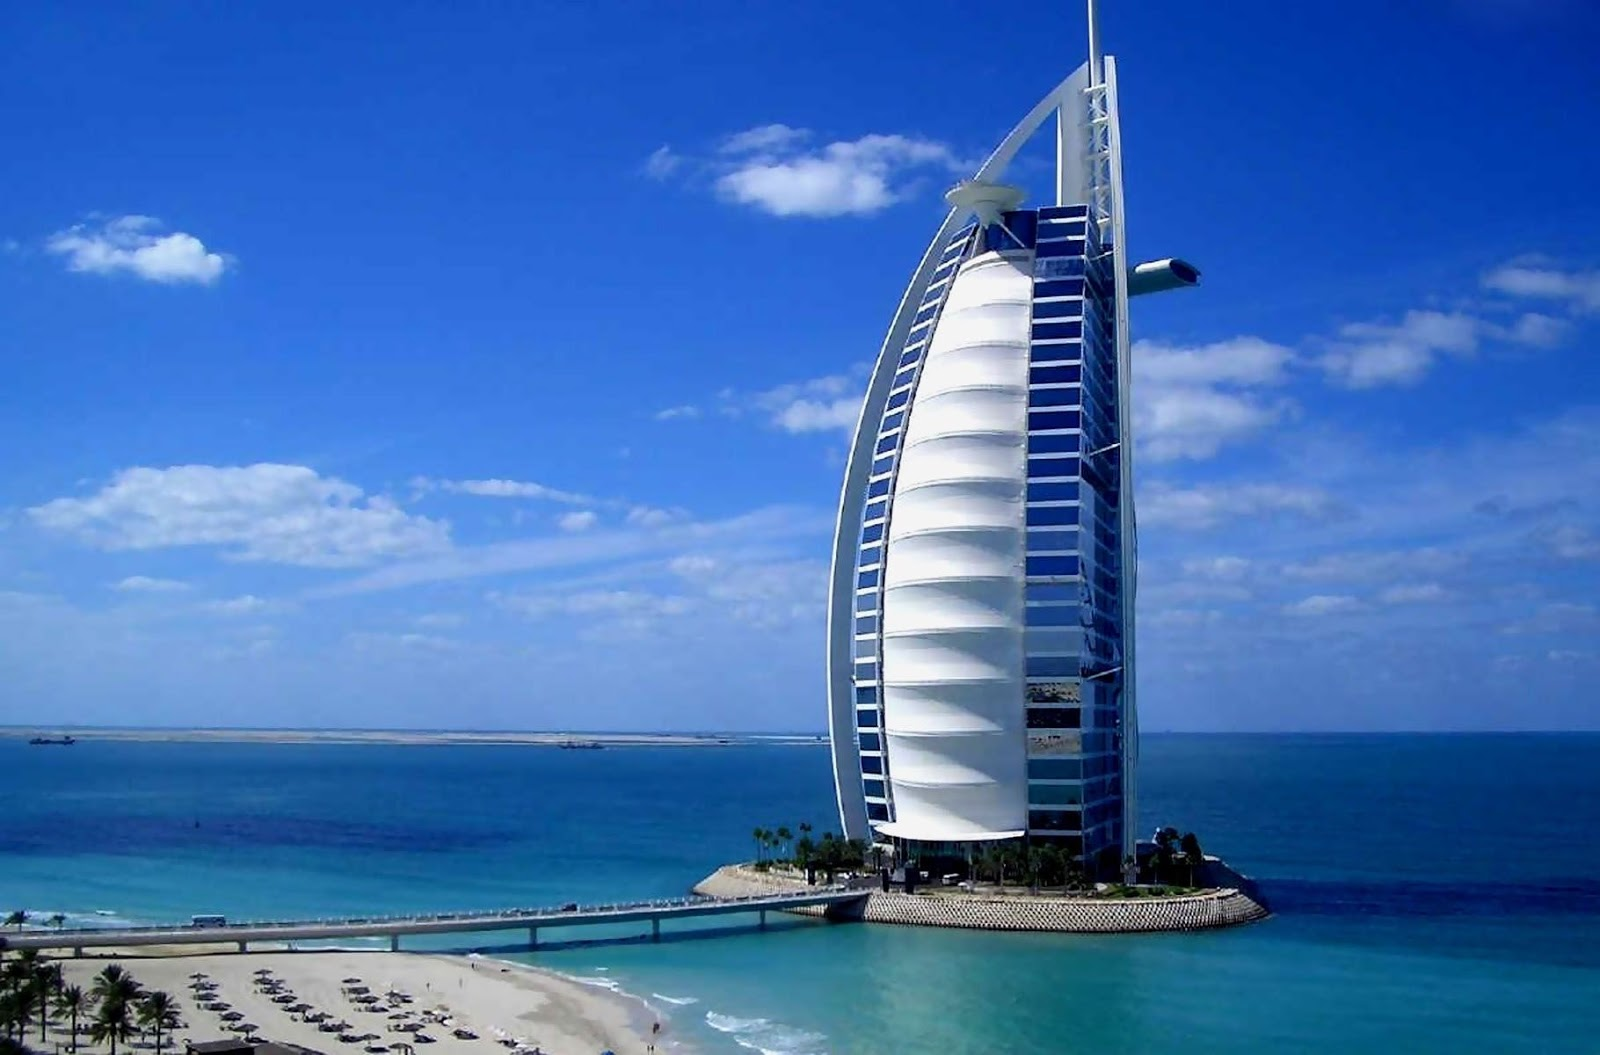 Book A Hotel Room In Dubai